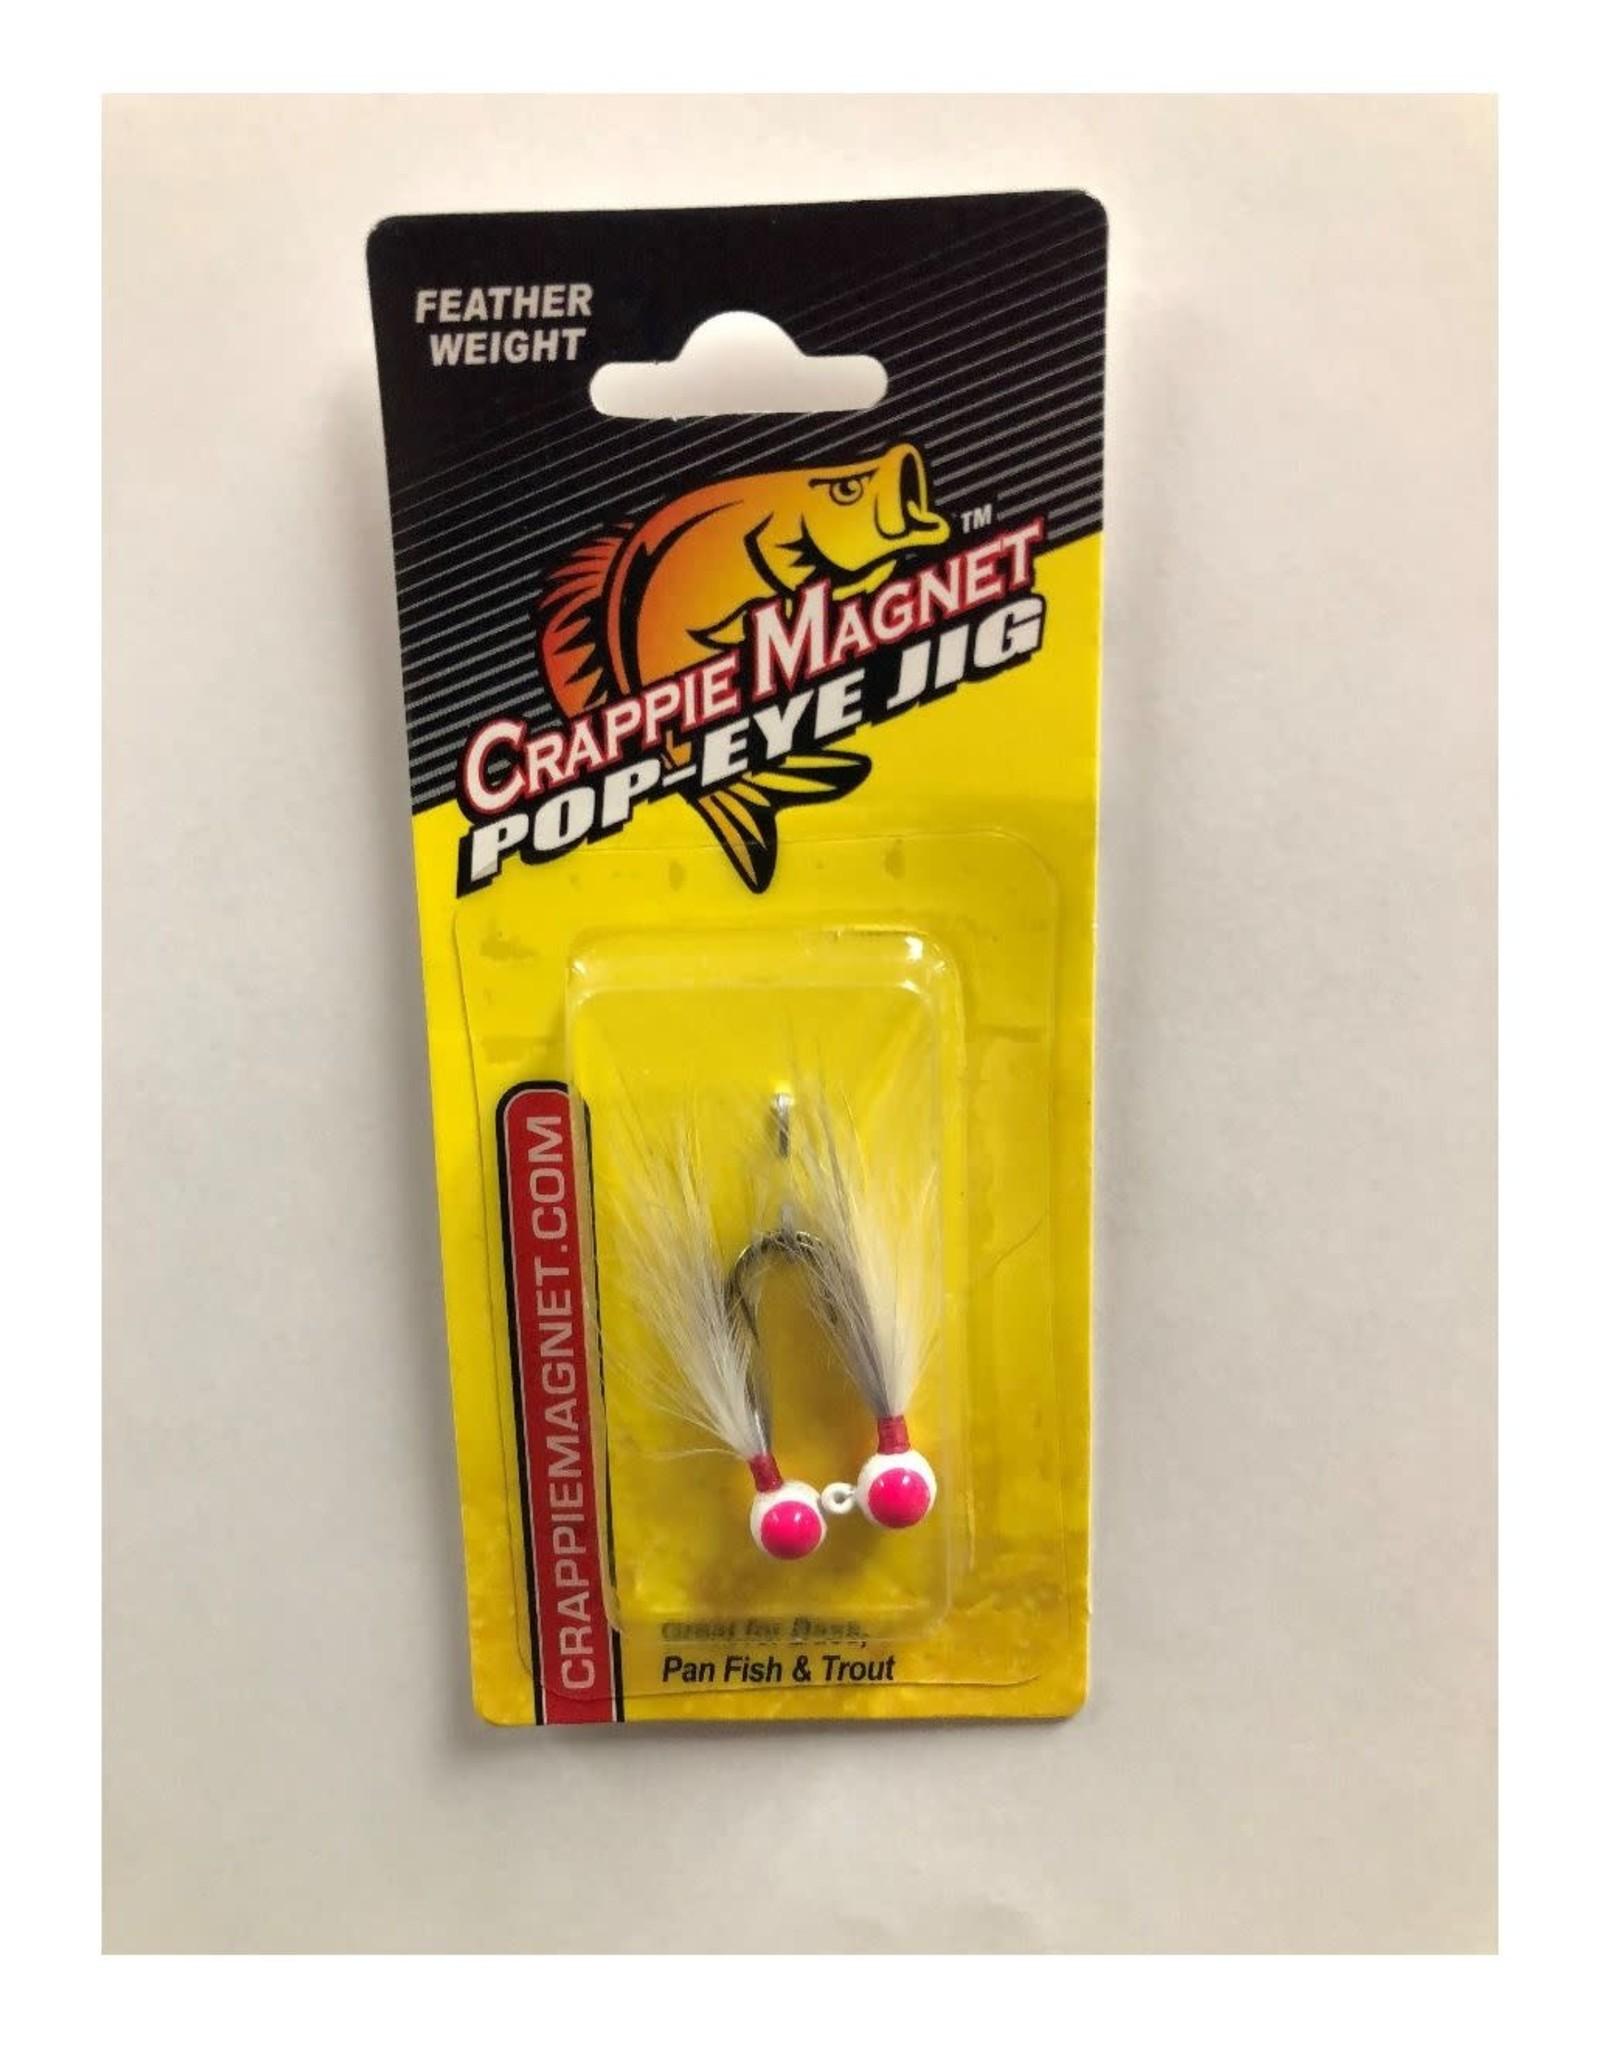 Crappie Magnet Crappie Magnet Pop-eye Jig